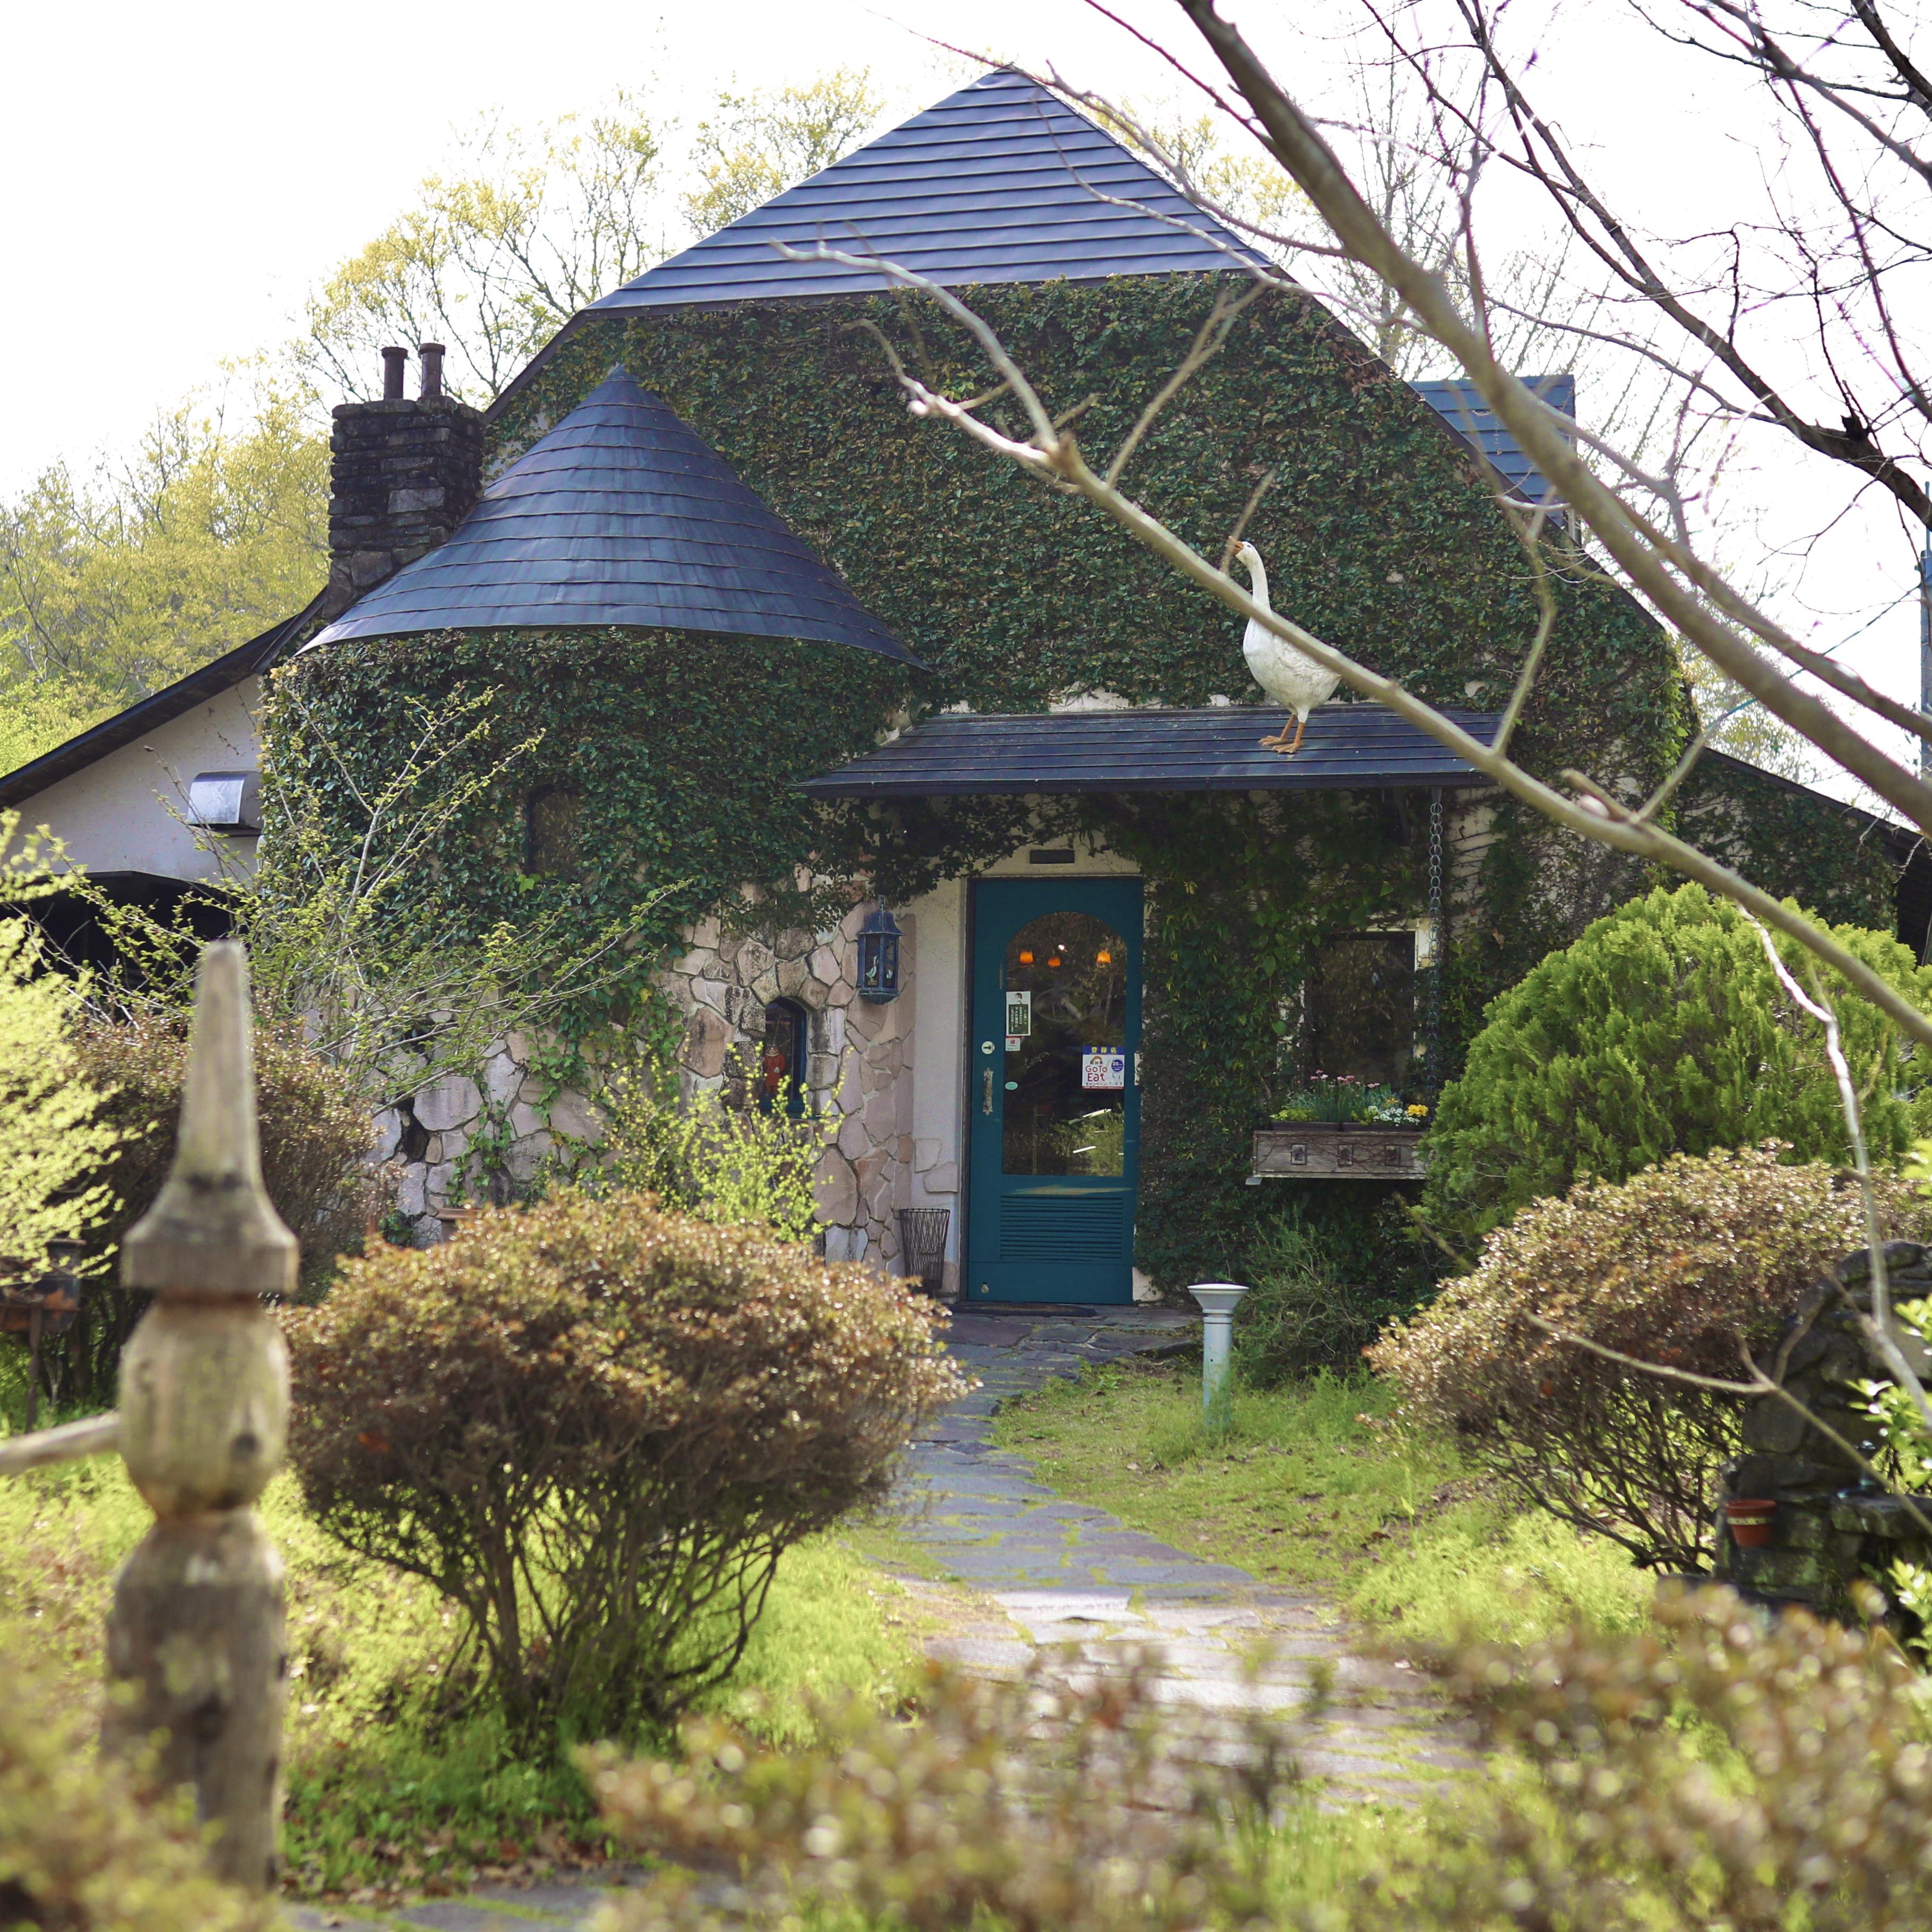 屋根の上のガチョウ(日高村) メルヘンなおとぎ話の世界でお茶会